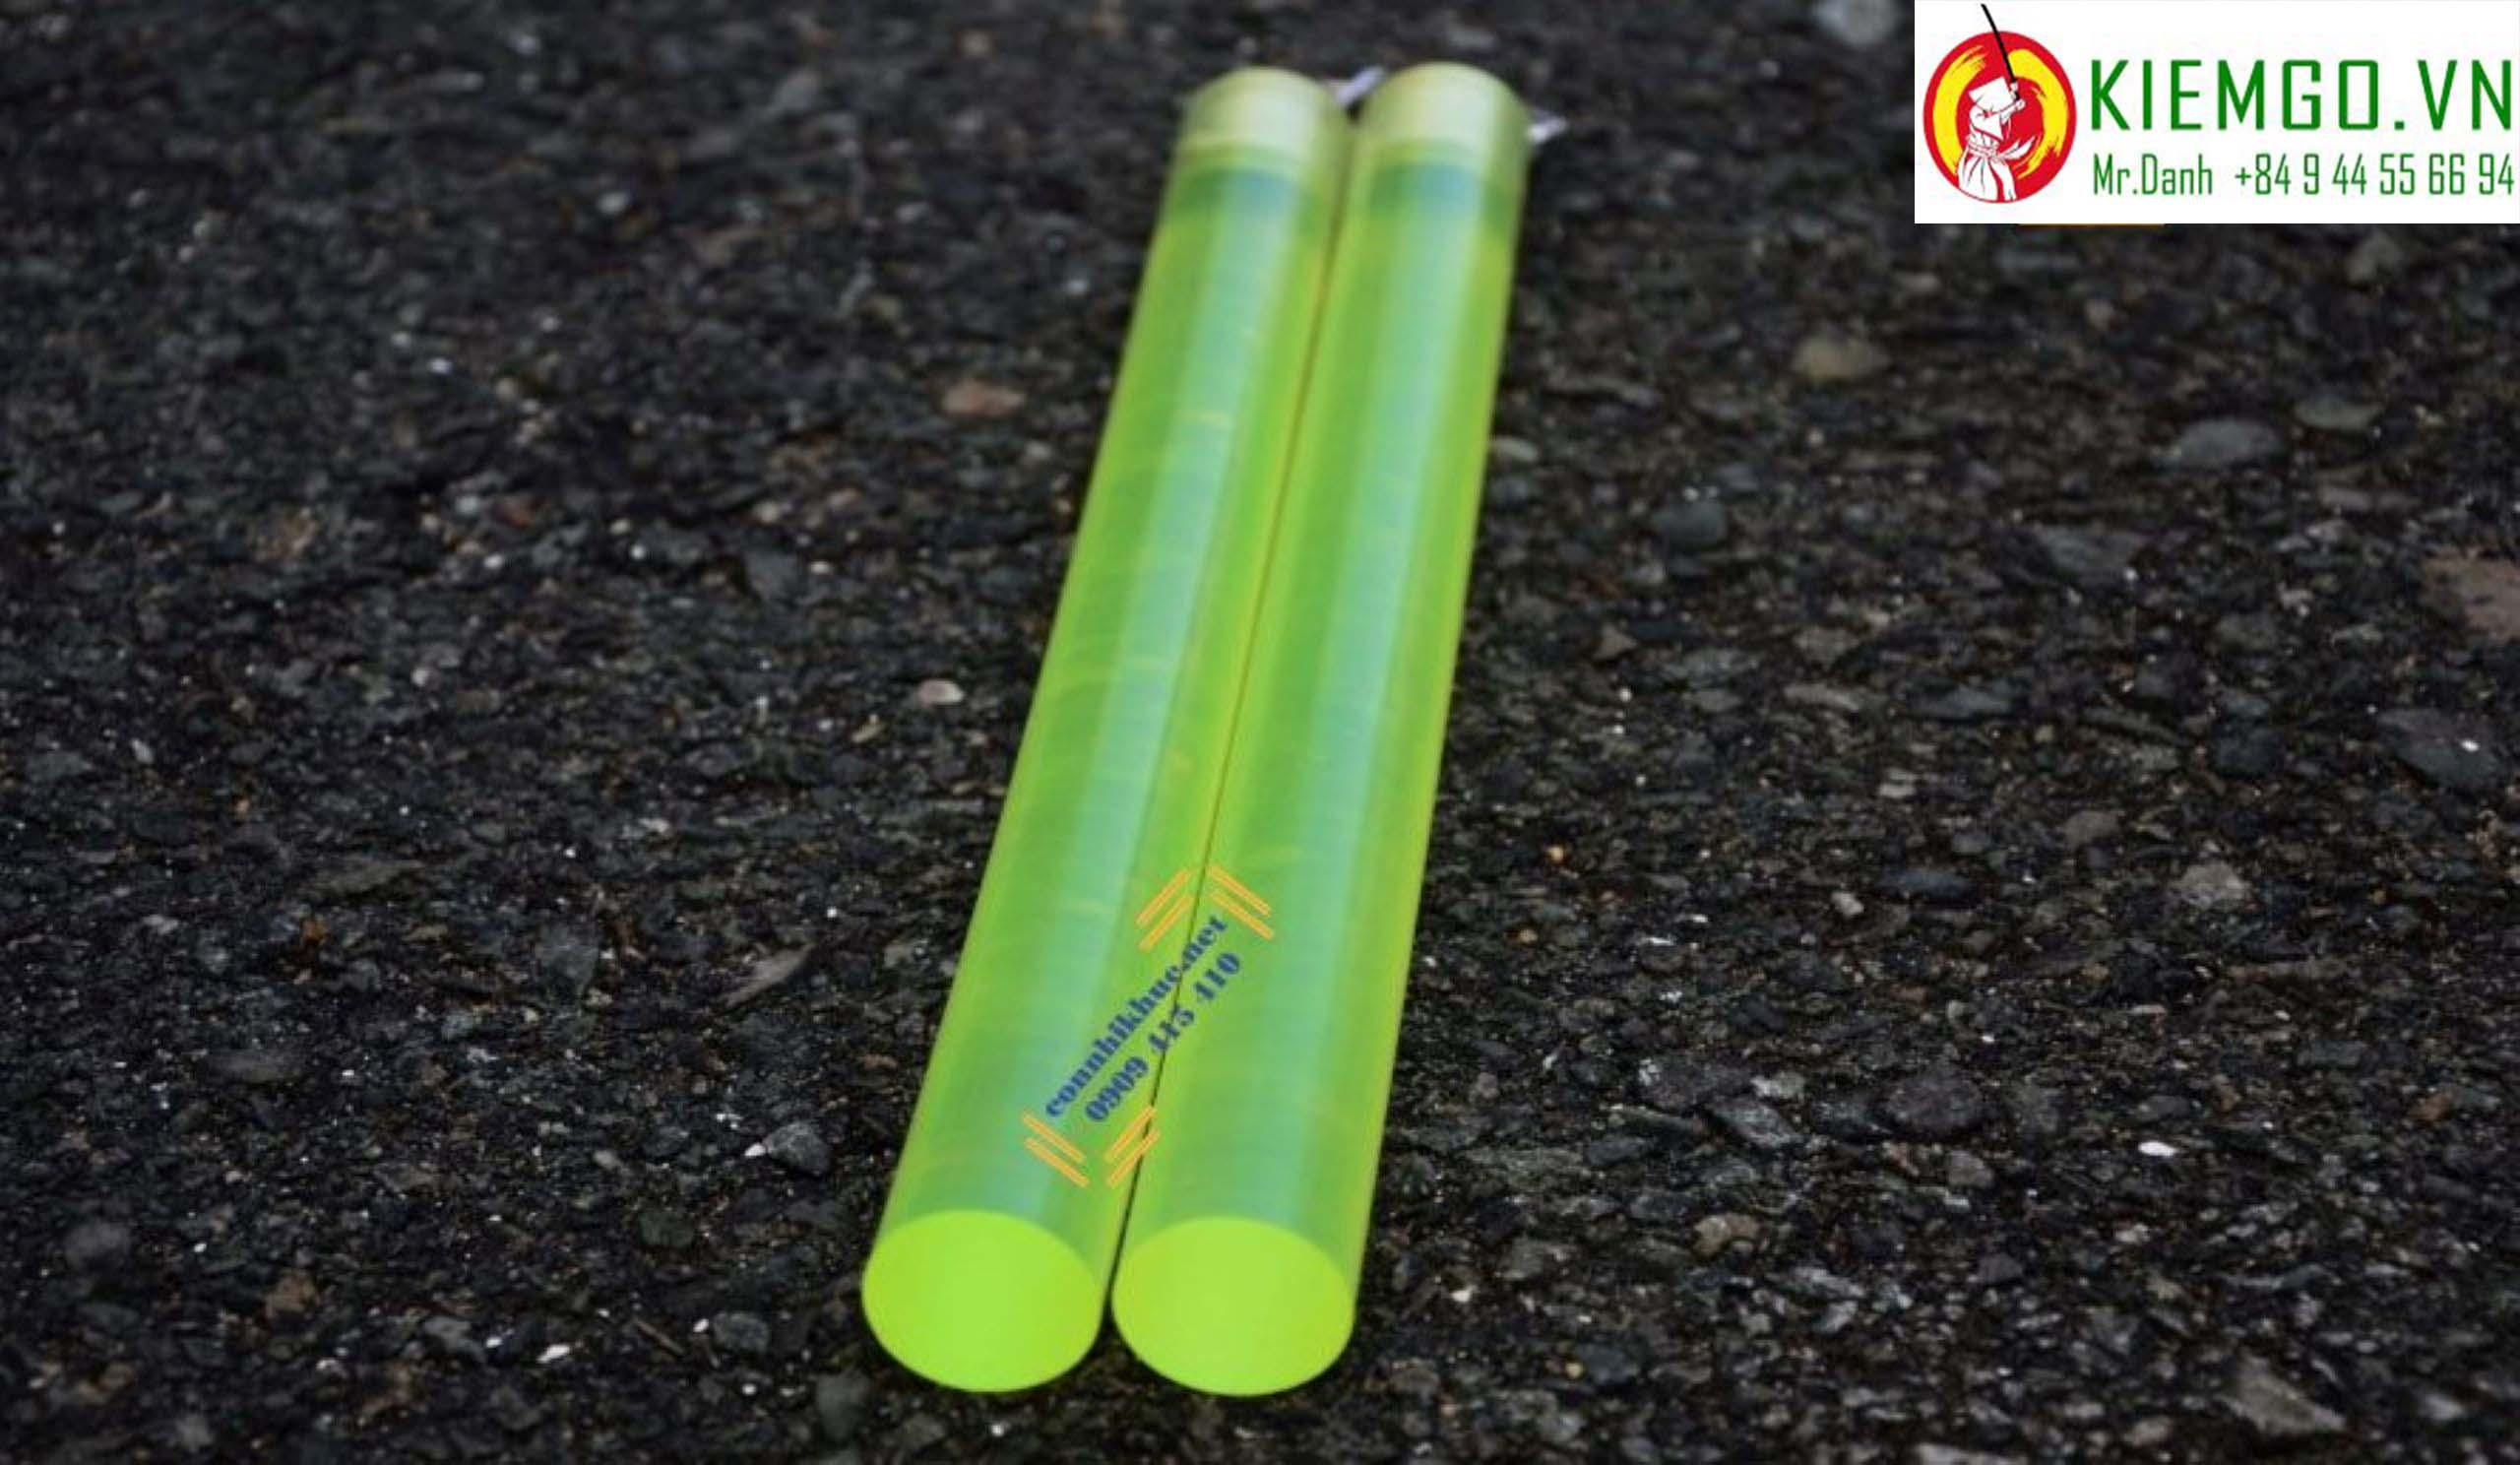 con-nhi-khuc-silicon là loại côn nhị khúc giá rẻ siêu bền theo thời gian, được kết nối bởi dây xích khớp xoay inox siêu chắc chắn và bền bĩ